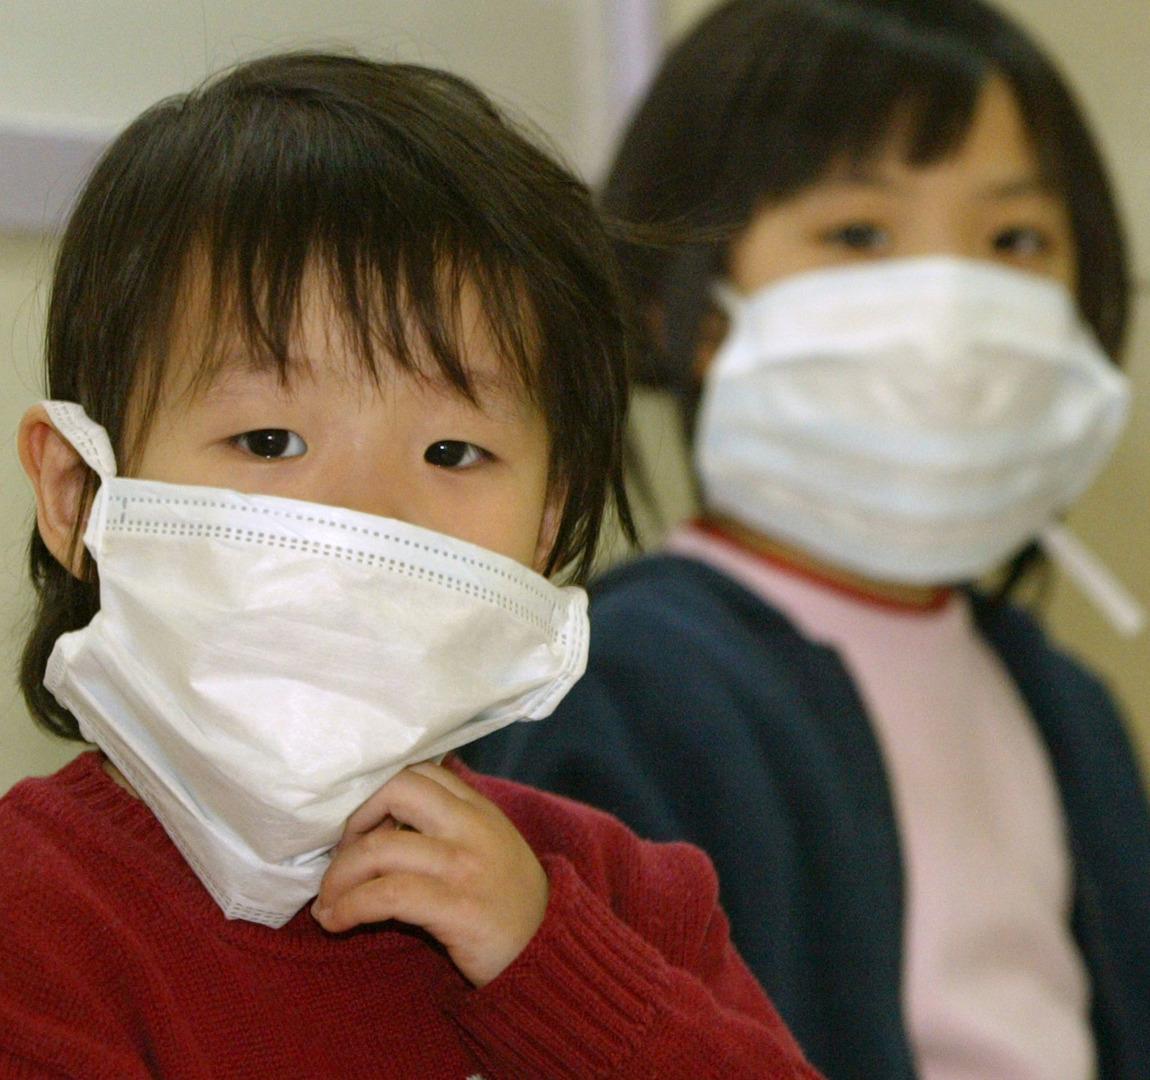 دراسة جديدة تؤكد وجود كميات كبيرة من فيروس كورونا لدى الأطفال